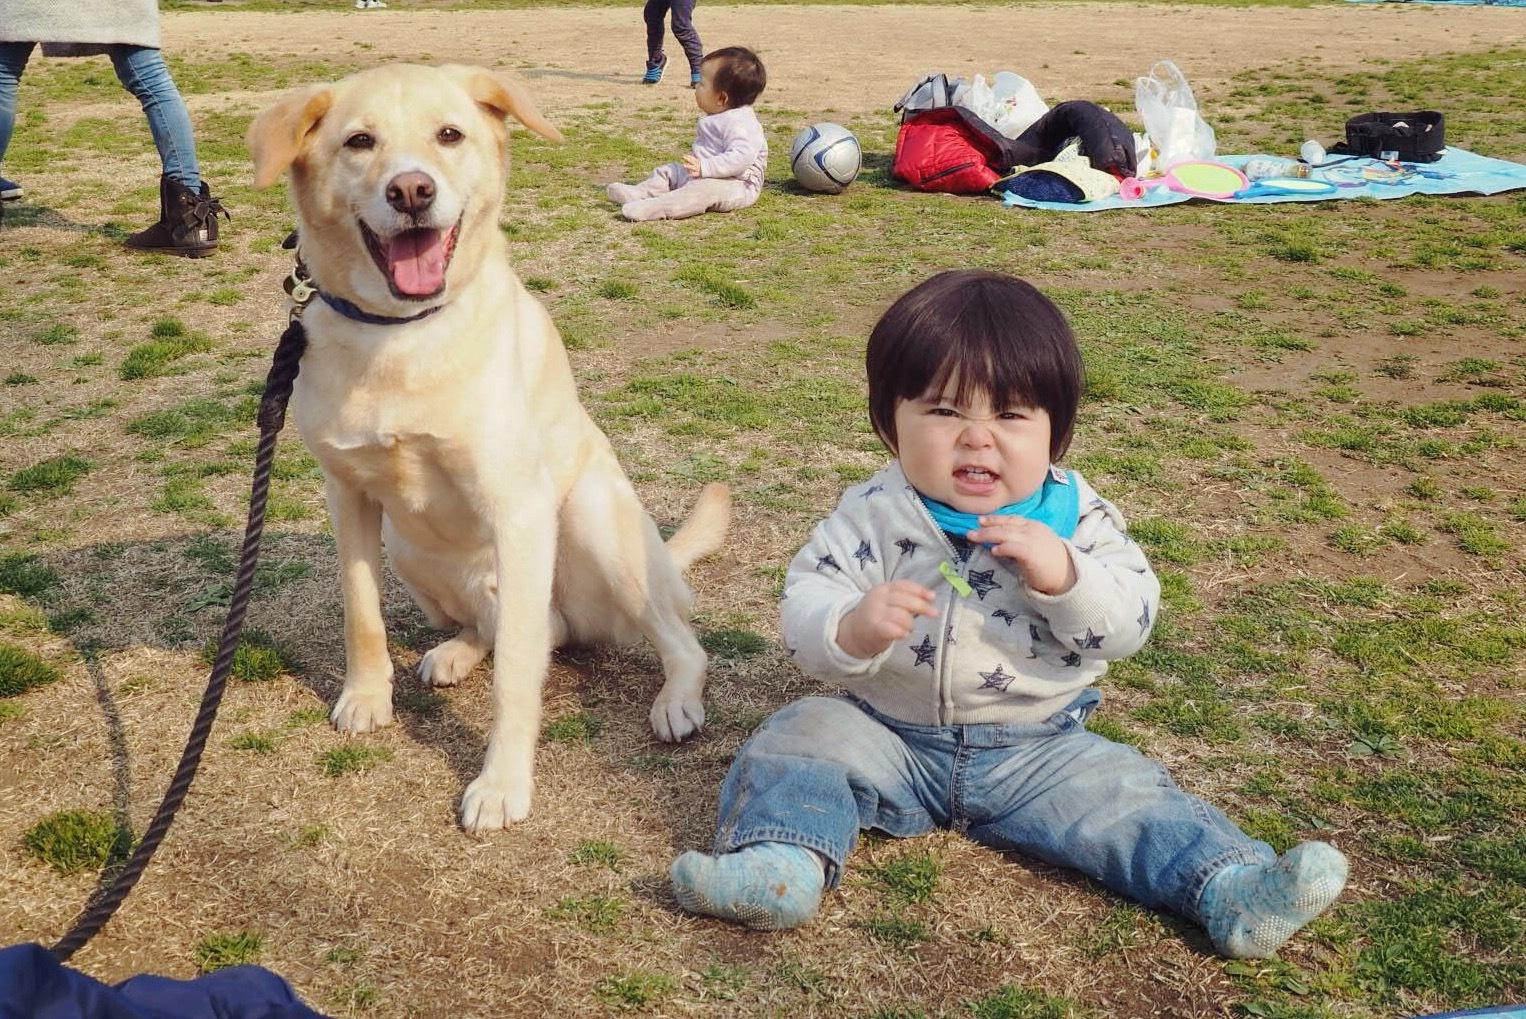 赤ちゃんと犬 大型犬と赤ちゃん ラブラドール